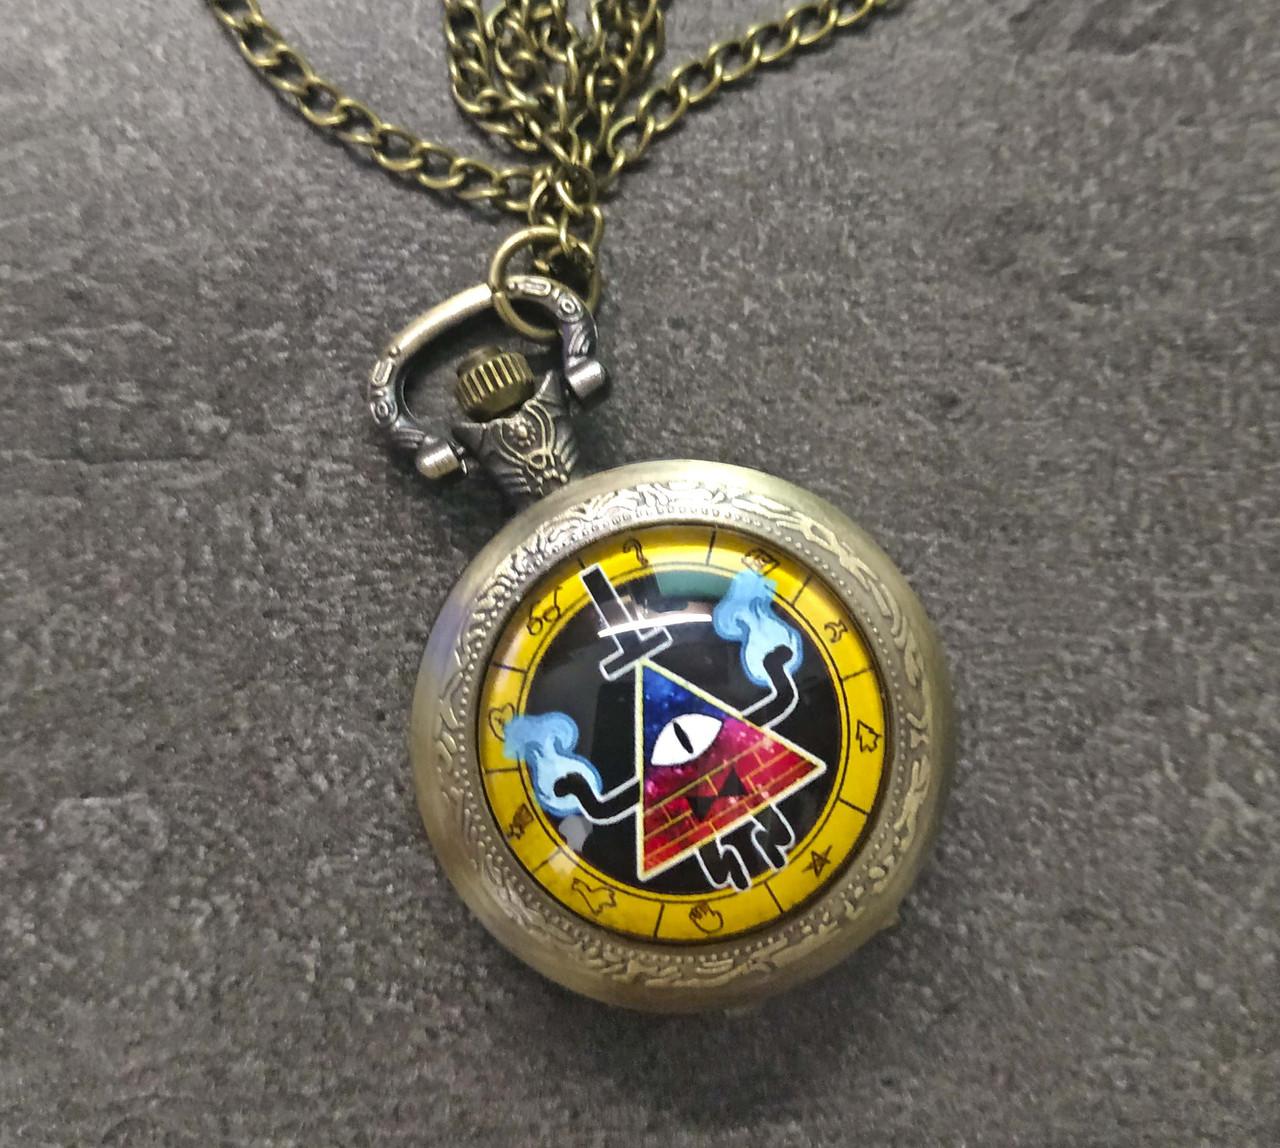 Карманные часы Билл Шифр Гравити Фолз разноцветный/ Gravity Falls